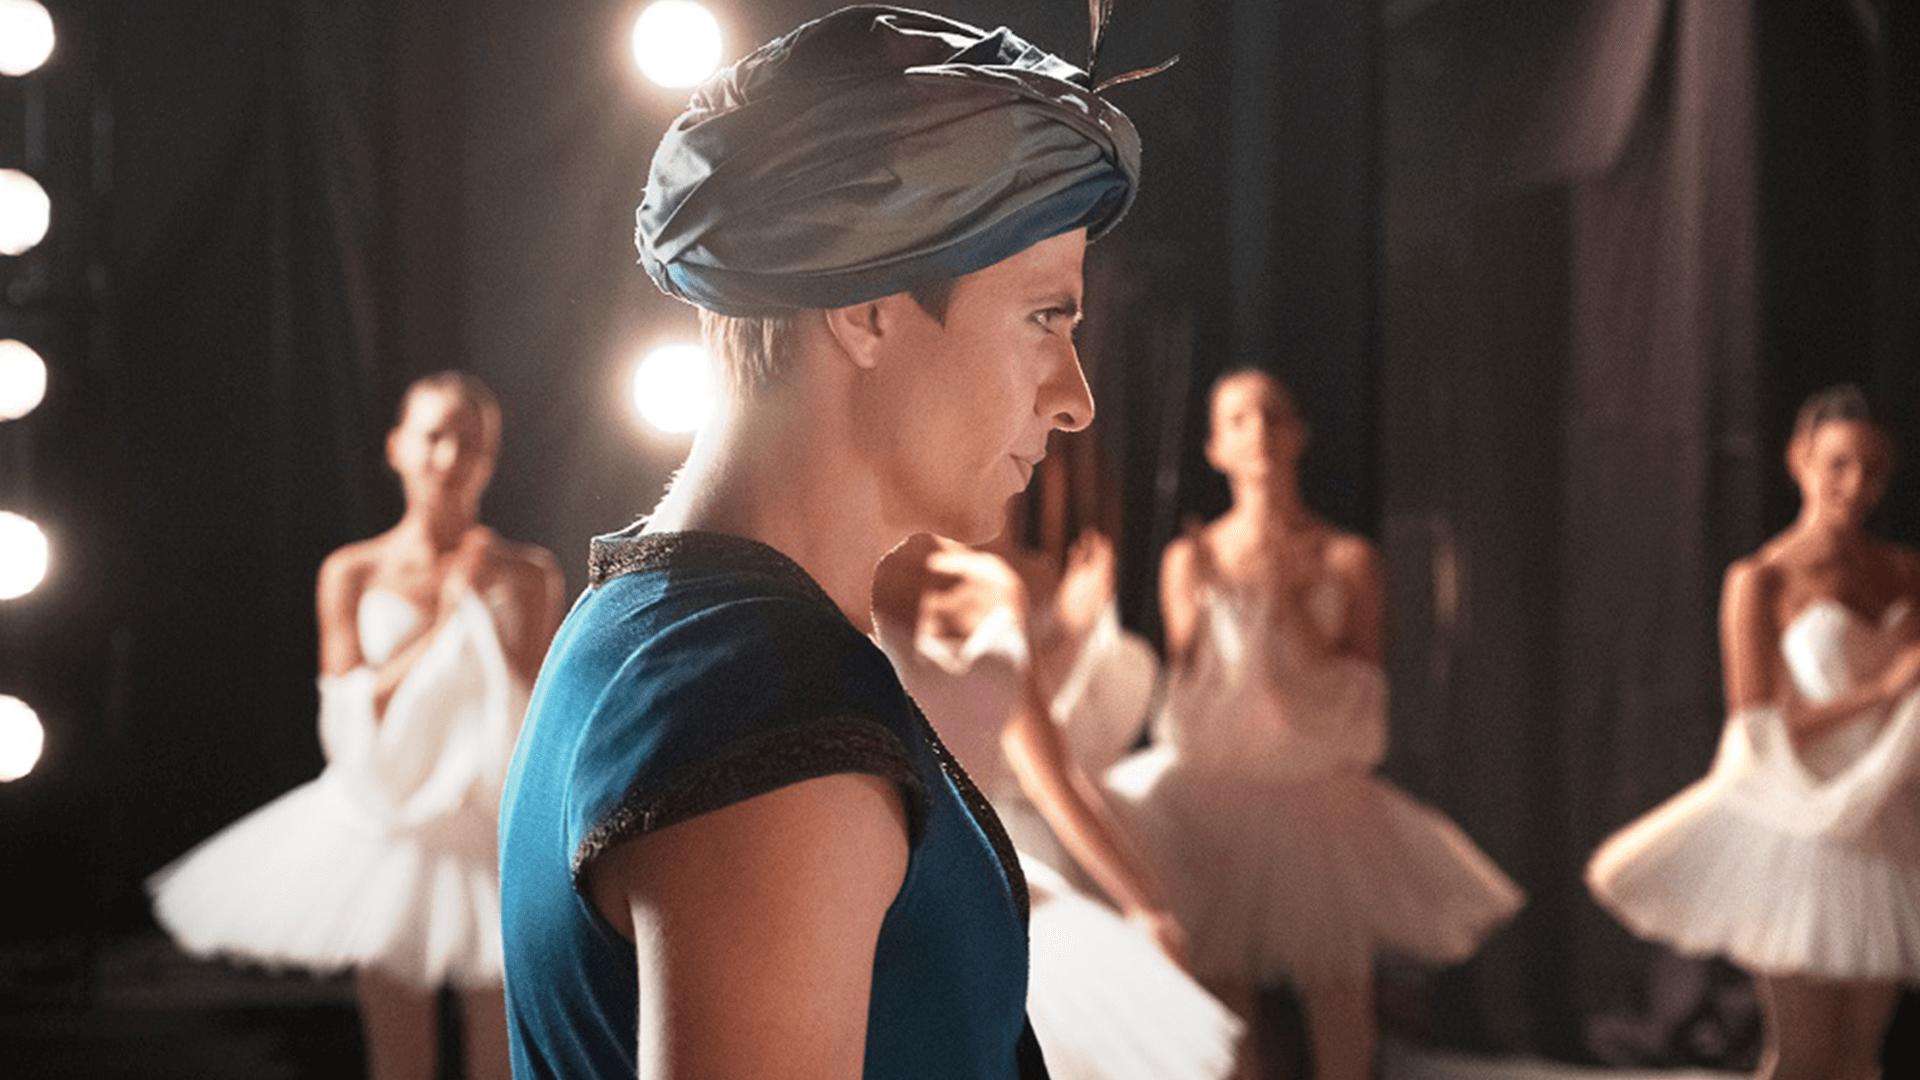 レイフ・ファインズ監督作『ホワイト・クロウ 伝説のダンサー』を彩る3つの師弟関係